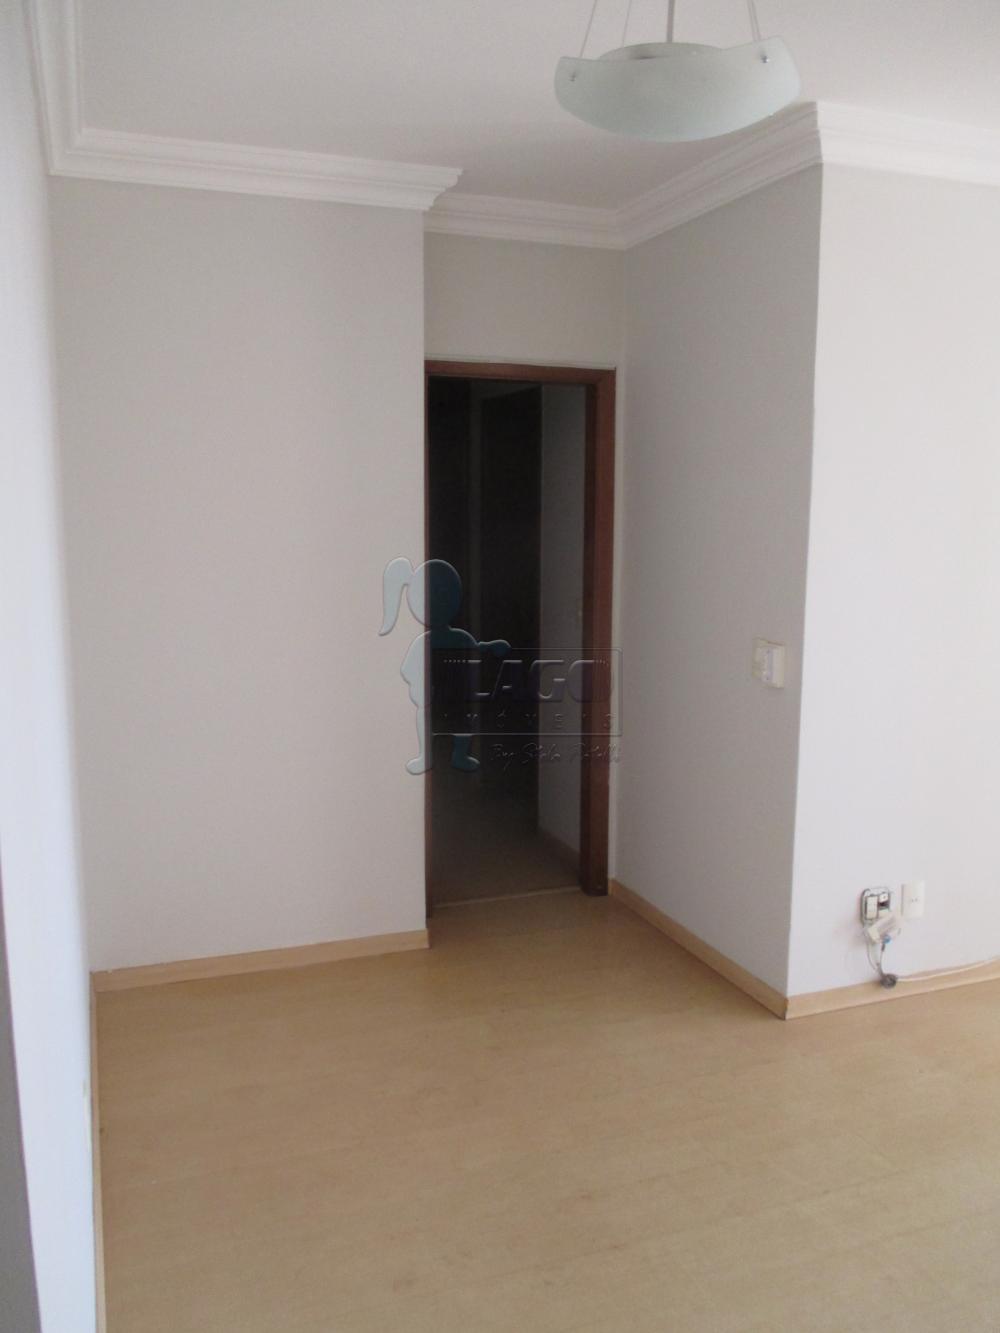 Comprar Apartamento / Padrão em Ribeirão Preto apenas R$ 371.000,00 - Foto 2